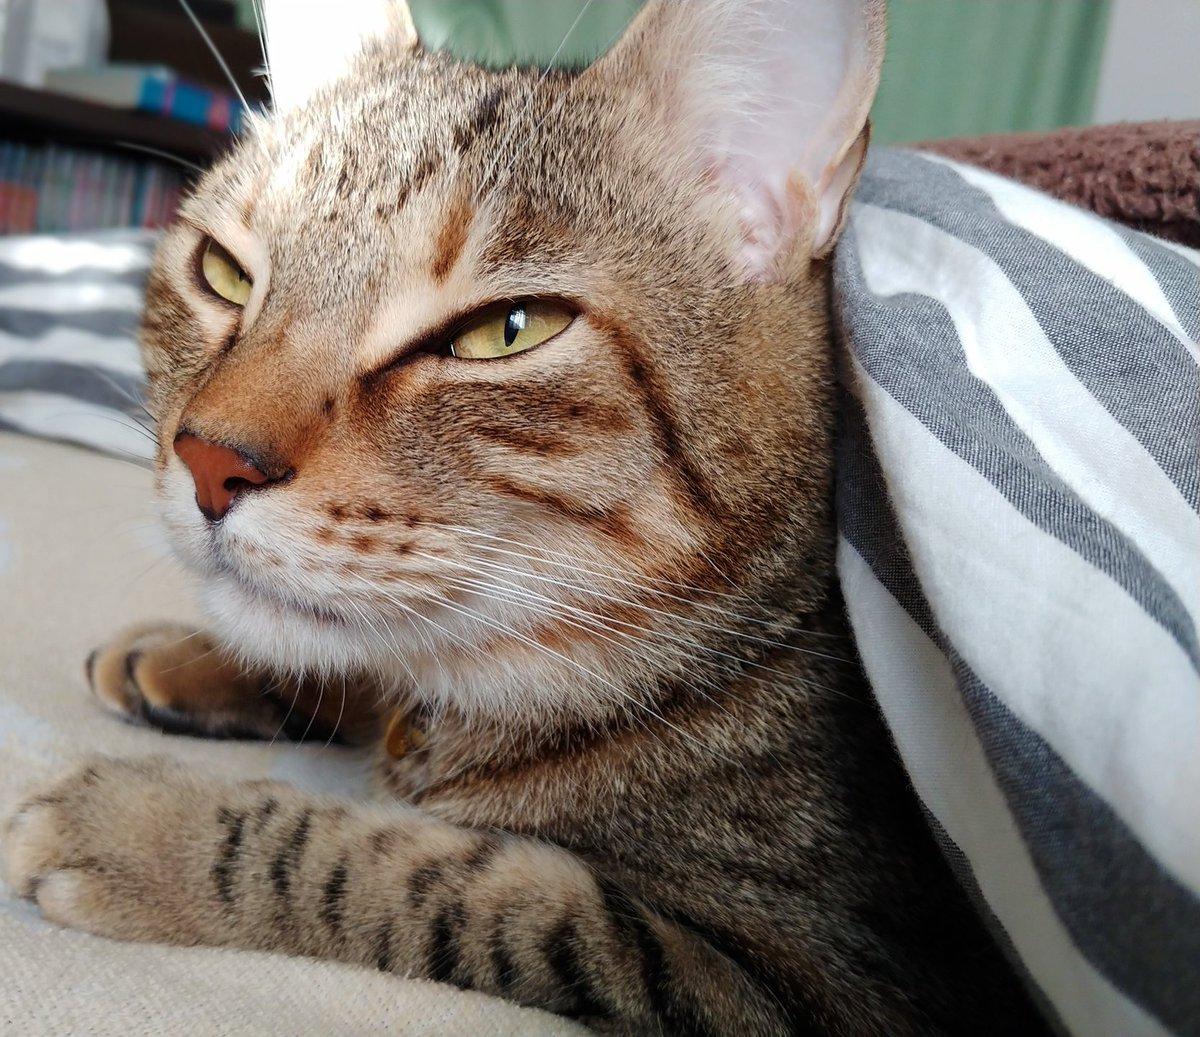 577日目。乳児と黒猫が寝たので自分も今のうちに昼寝しようとベッドに飛び込んだら、キジトラが近付いてきて肩のあたりを手でチョンチョン。布団をめくるとノソノソ入ってきて腕枕に寝そべりながら甘えん坊の仔猫のように手でフミフミ、尻尾を口元に持ってきてチュパチュパ。冬が!来た!!